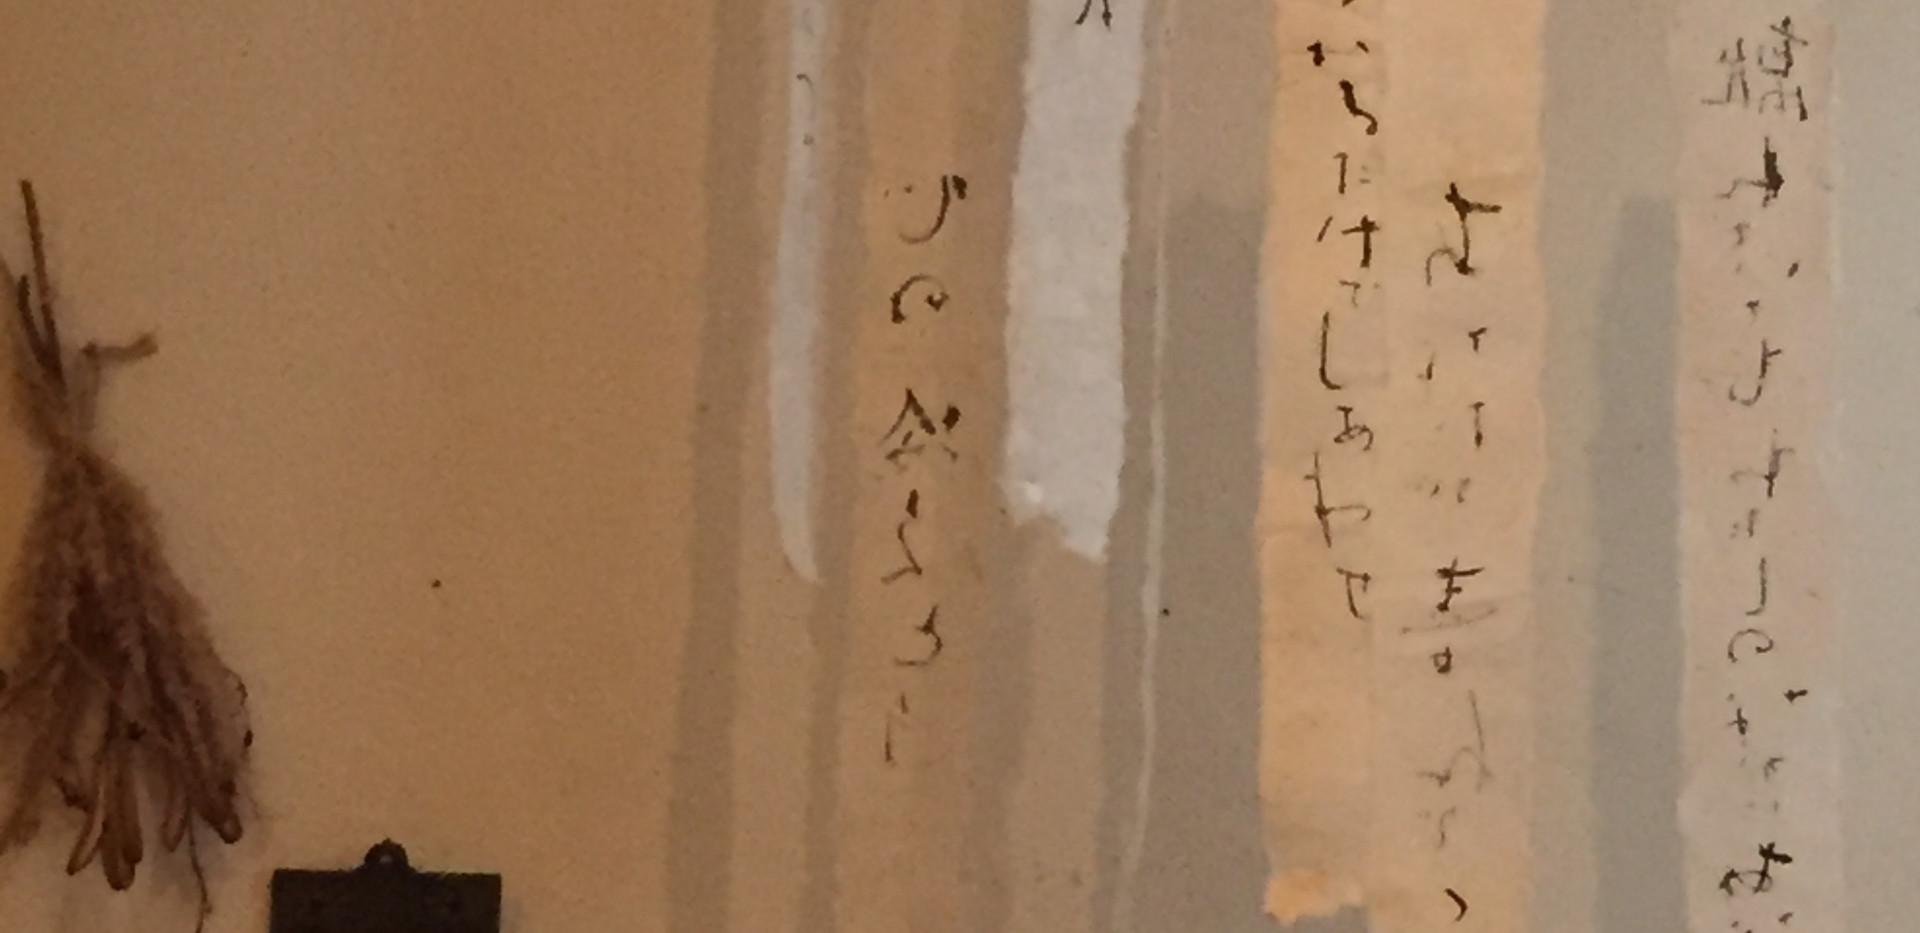 恵古箱様exhibition7